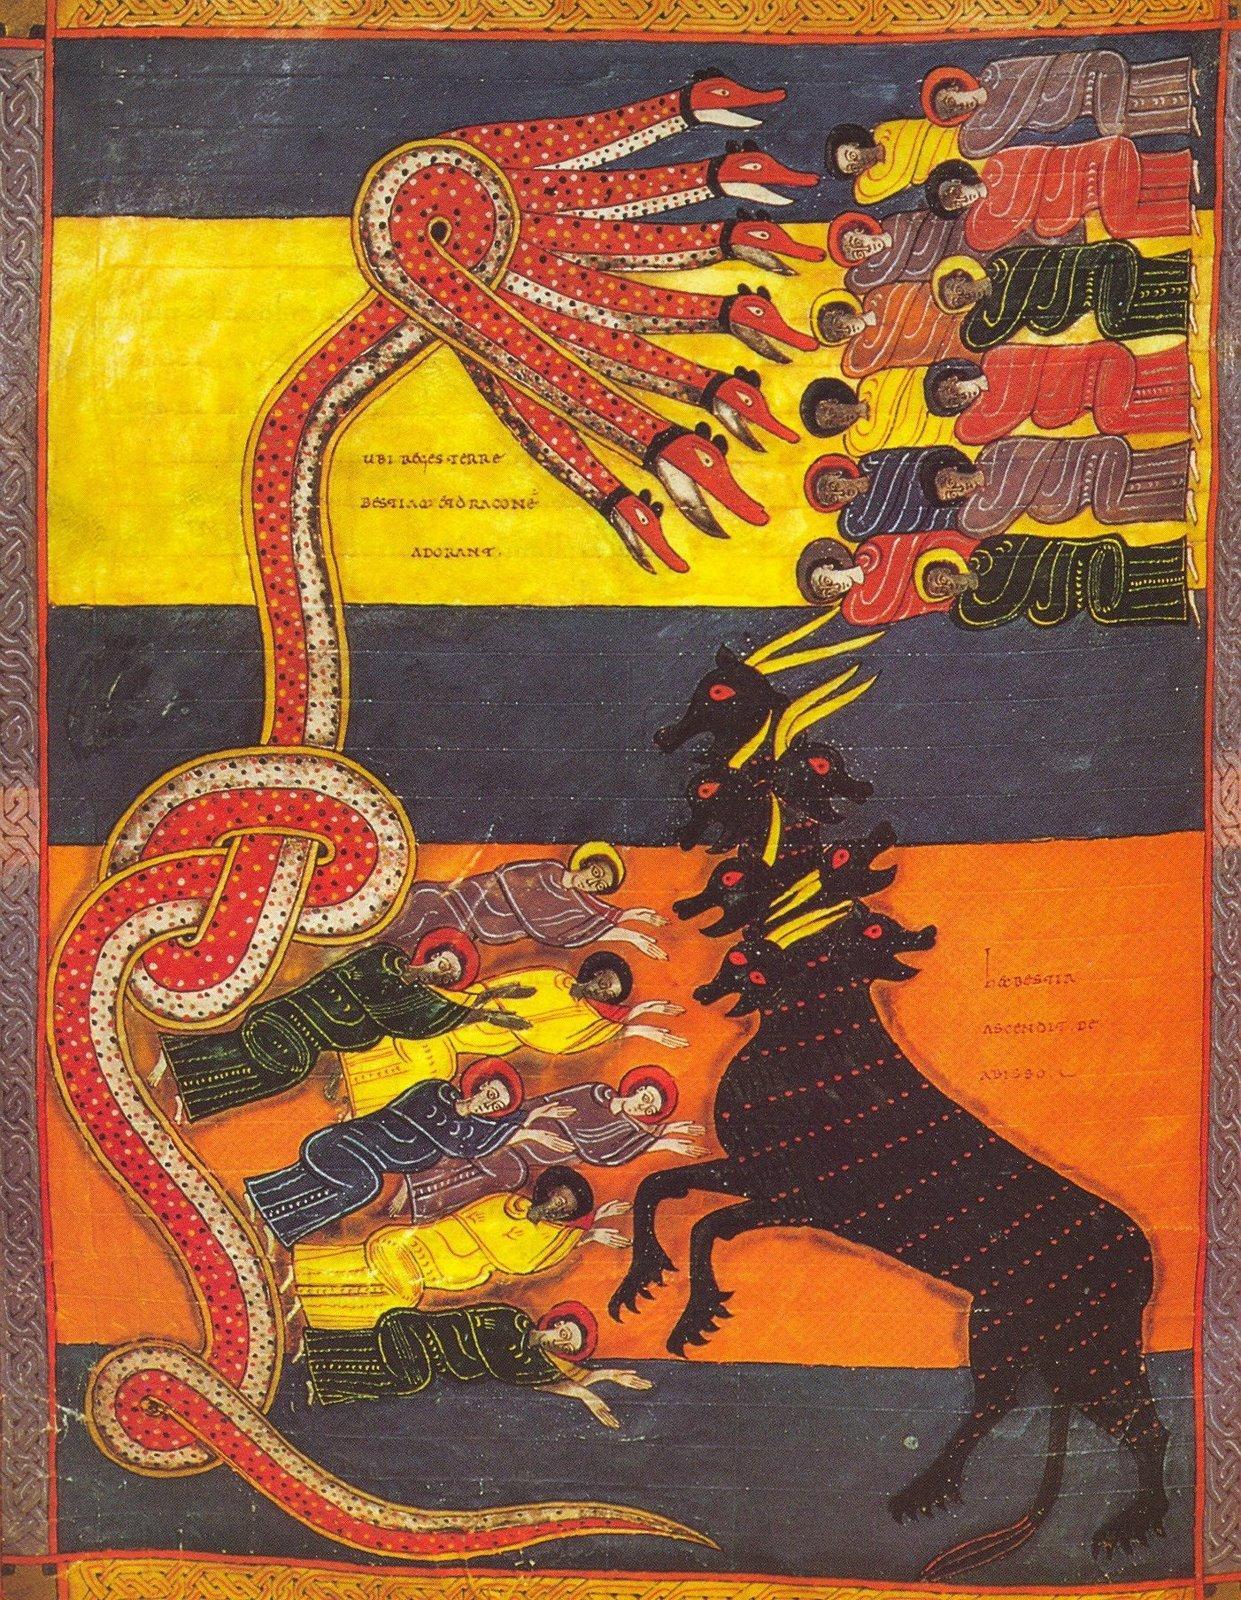 Beatus de Facundus (1047) – Le Dragon donne de sa puissance a la Bête - Enluminure sur parchemin - 29 x 22 cm - Bibliothèque nationale - Madrid